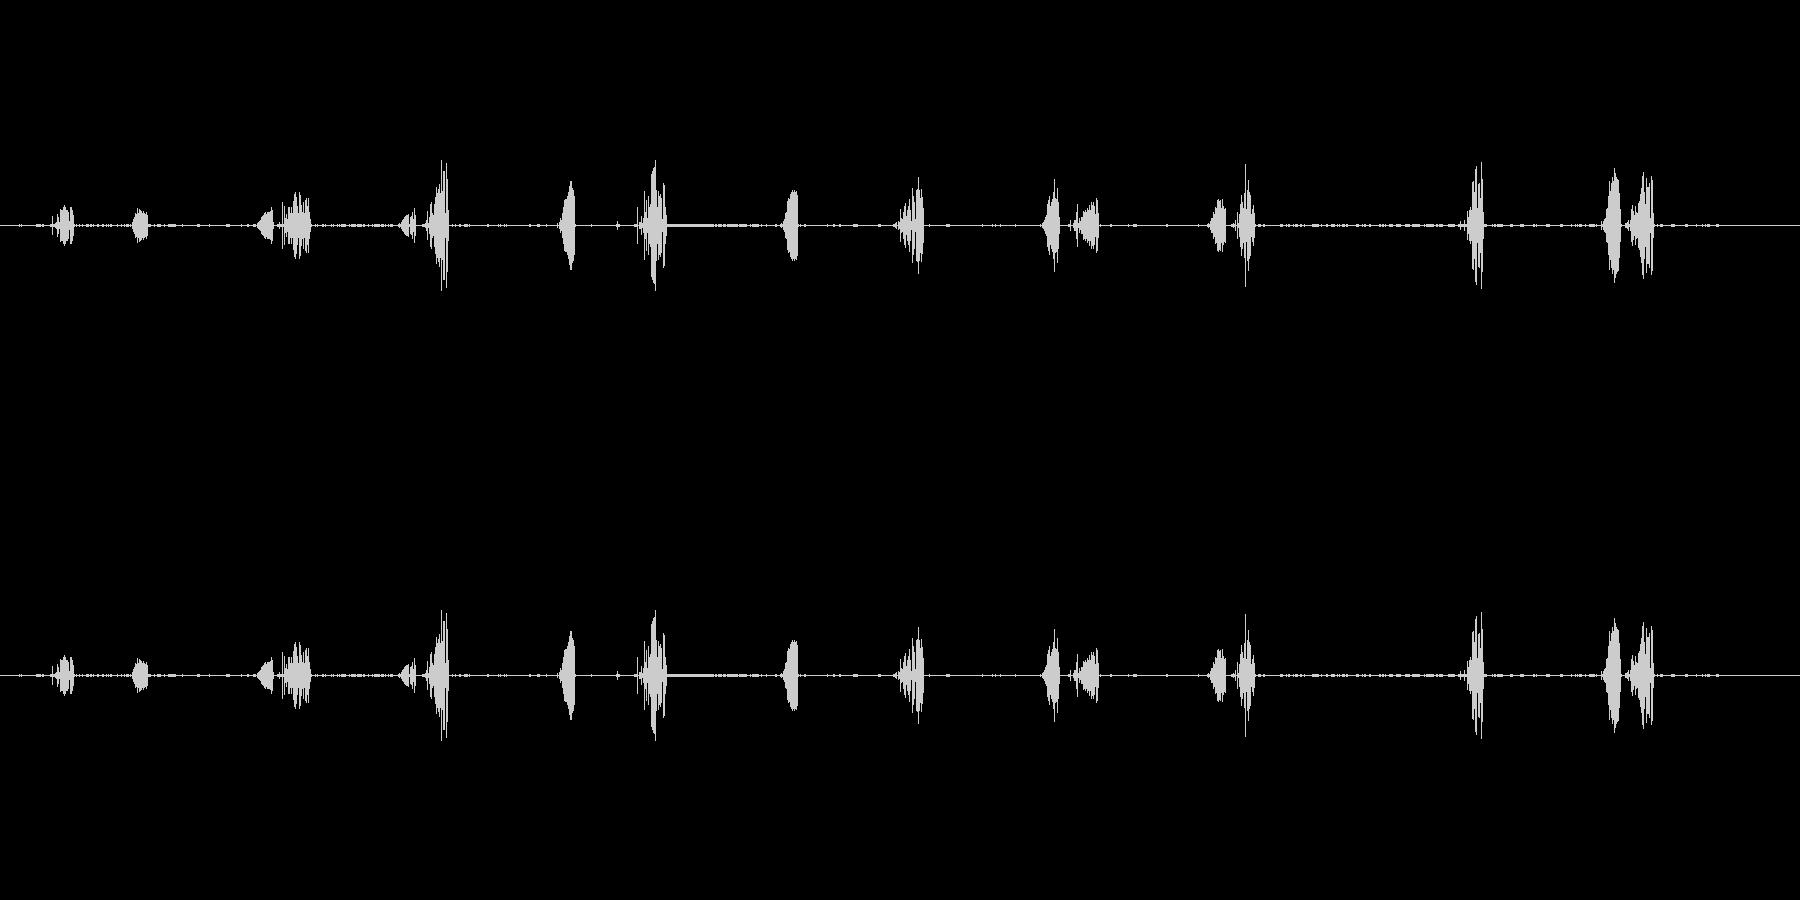 鳥-レッドスタートブラック(ルージ...の未再生の波形